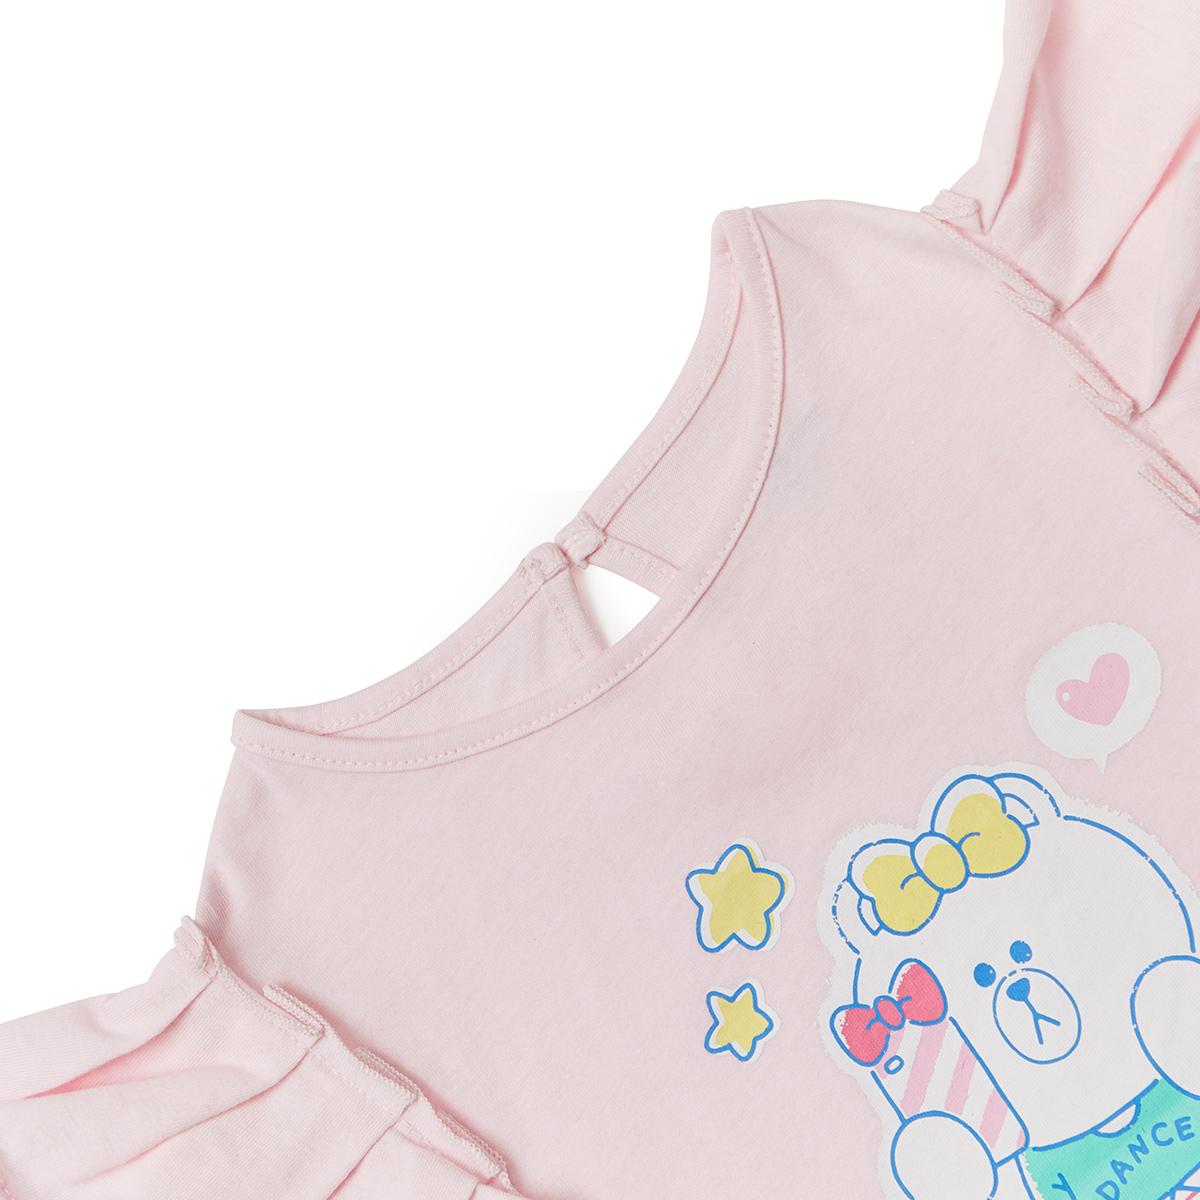 베이비핑크 초코 키즈 셔링 민소매 티셔츠